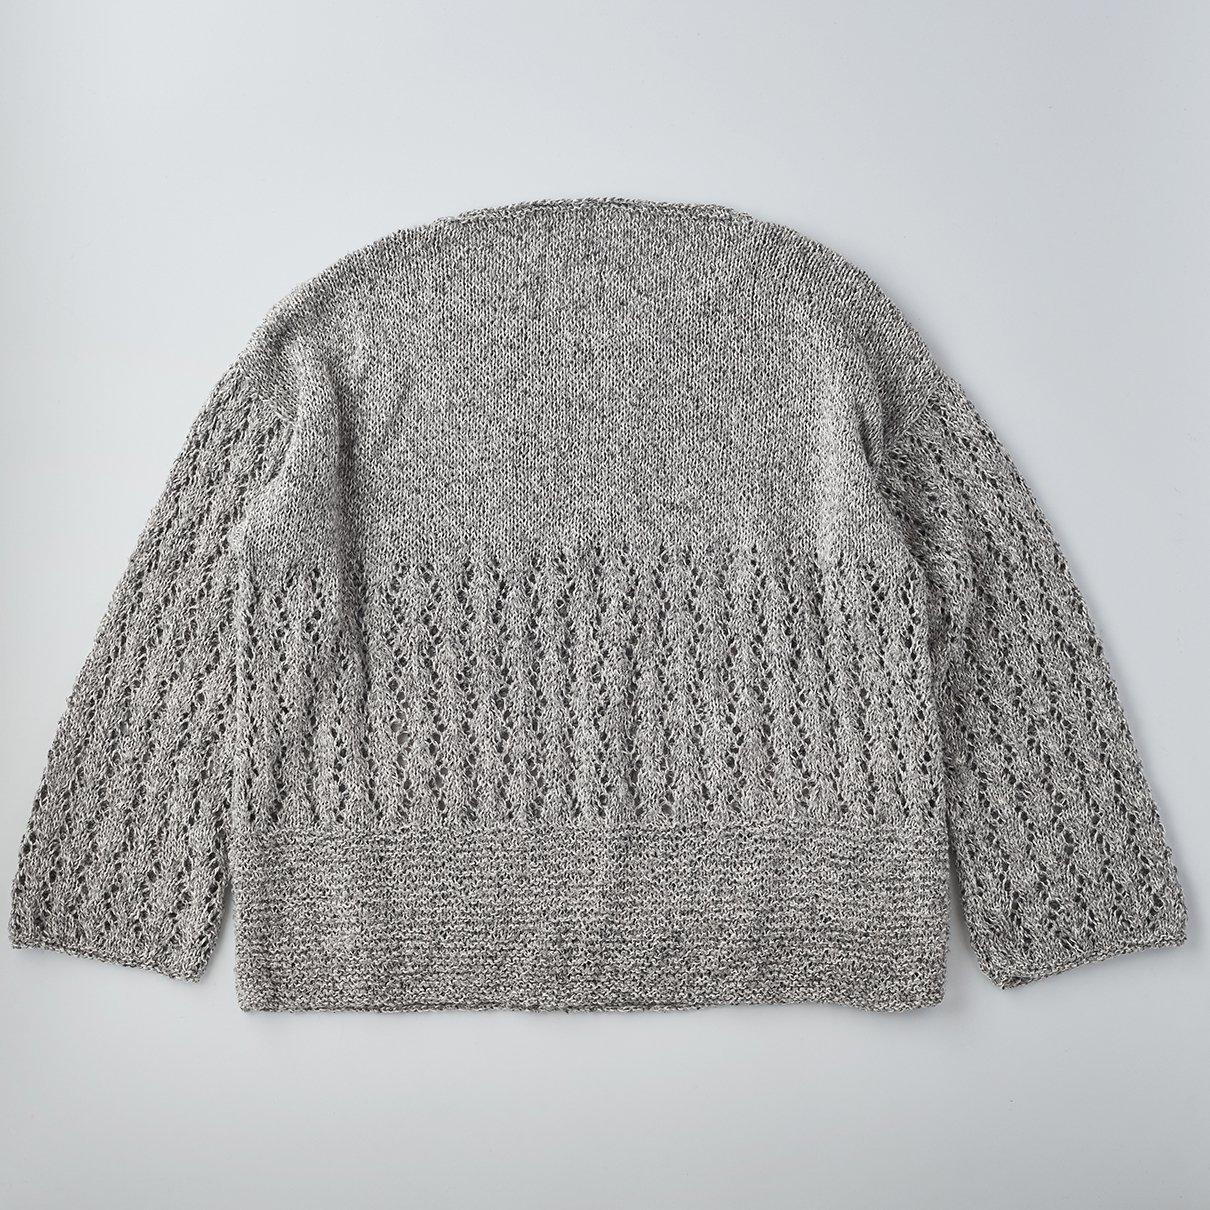 透かし編みまっすぐプルオーバー Lサイズ